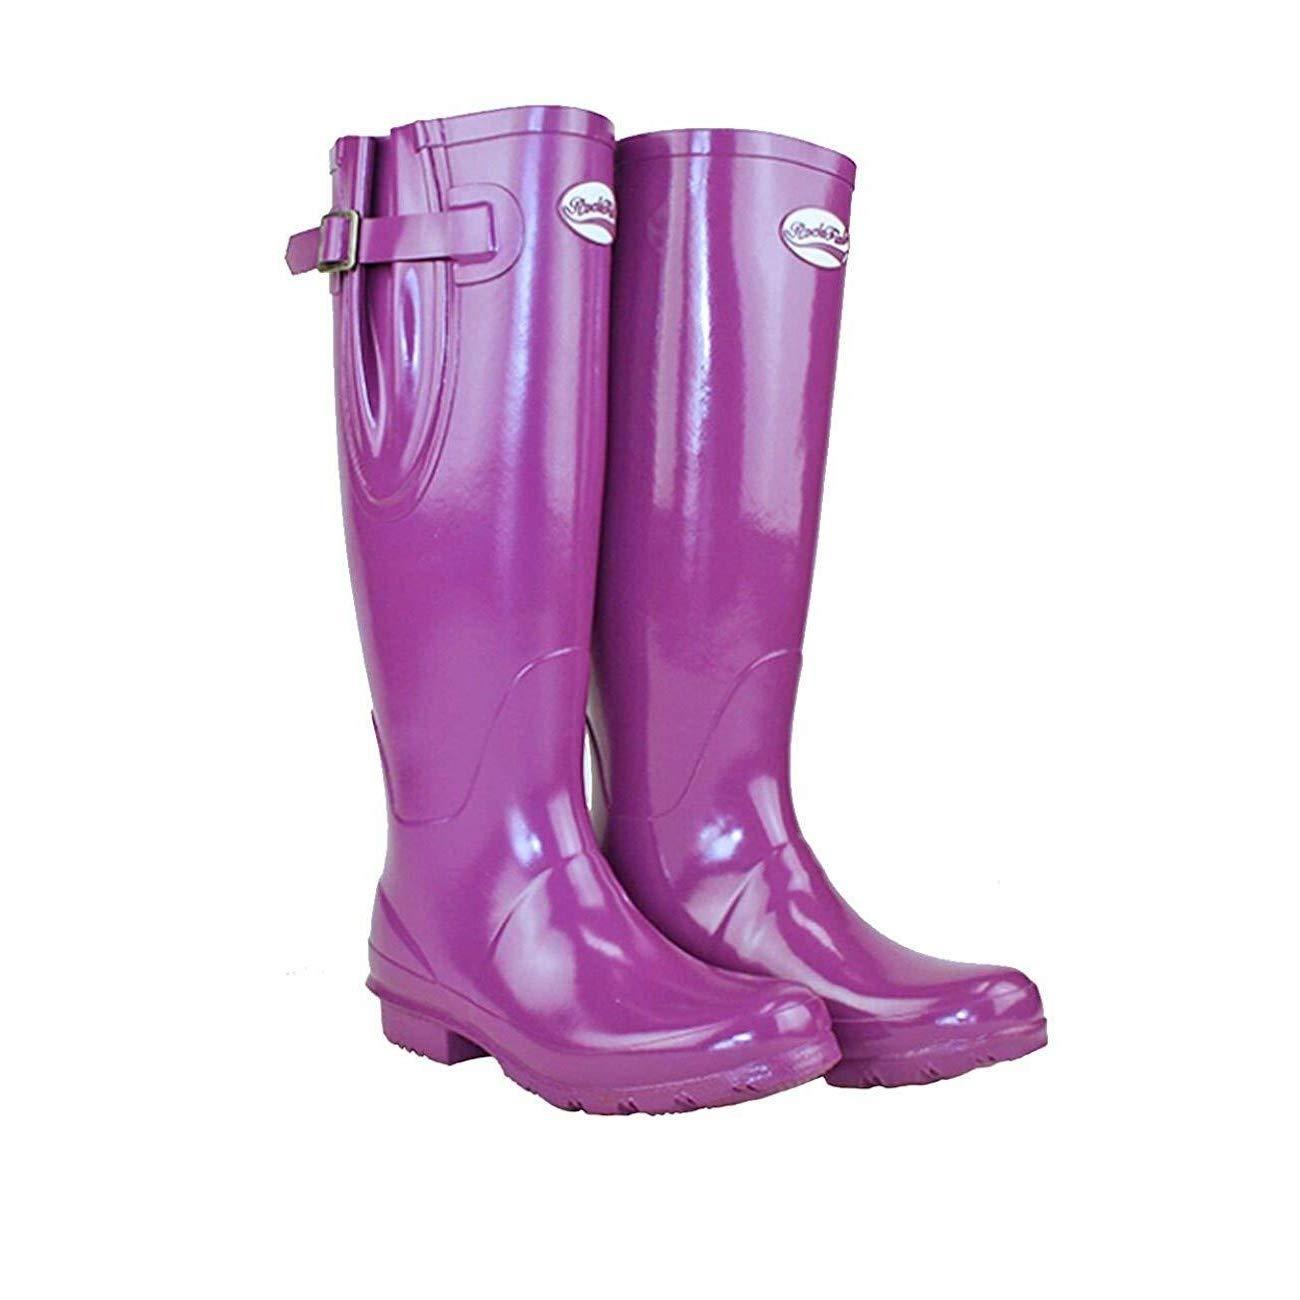 Rockfish Adj Gloss Tall Wellington Boot 7 Supaberry B01FW7SWX2